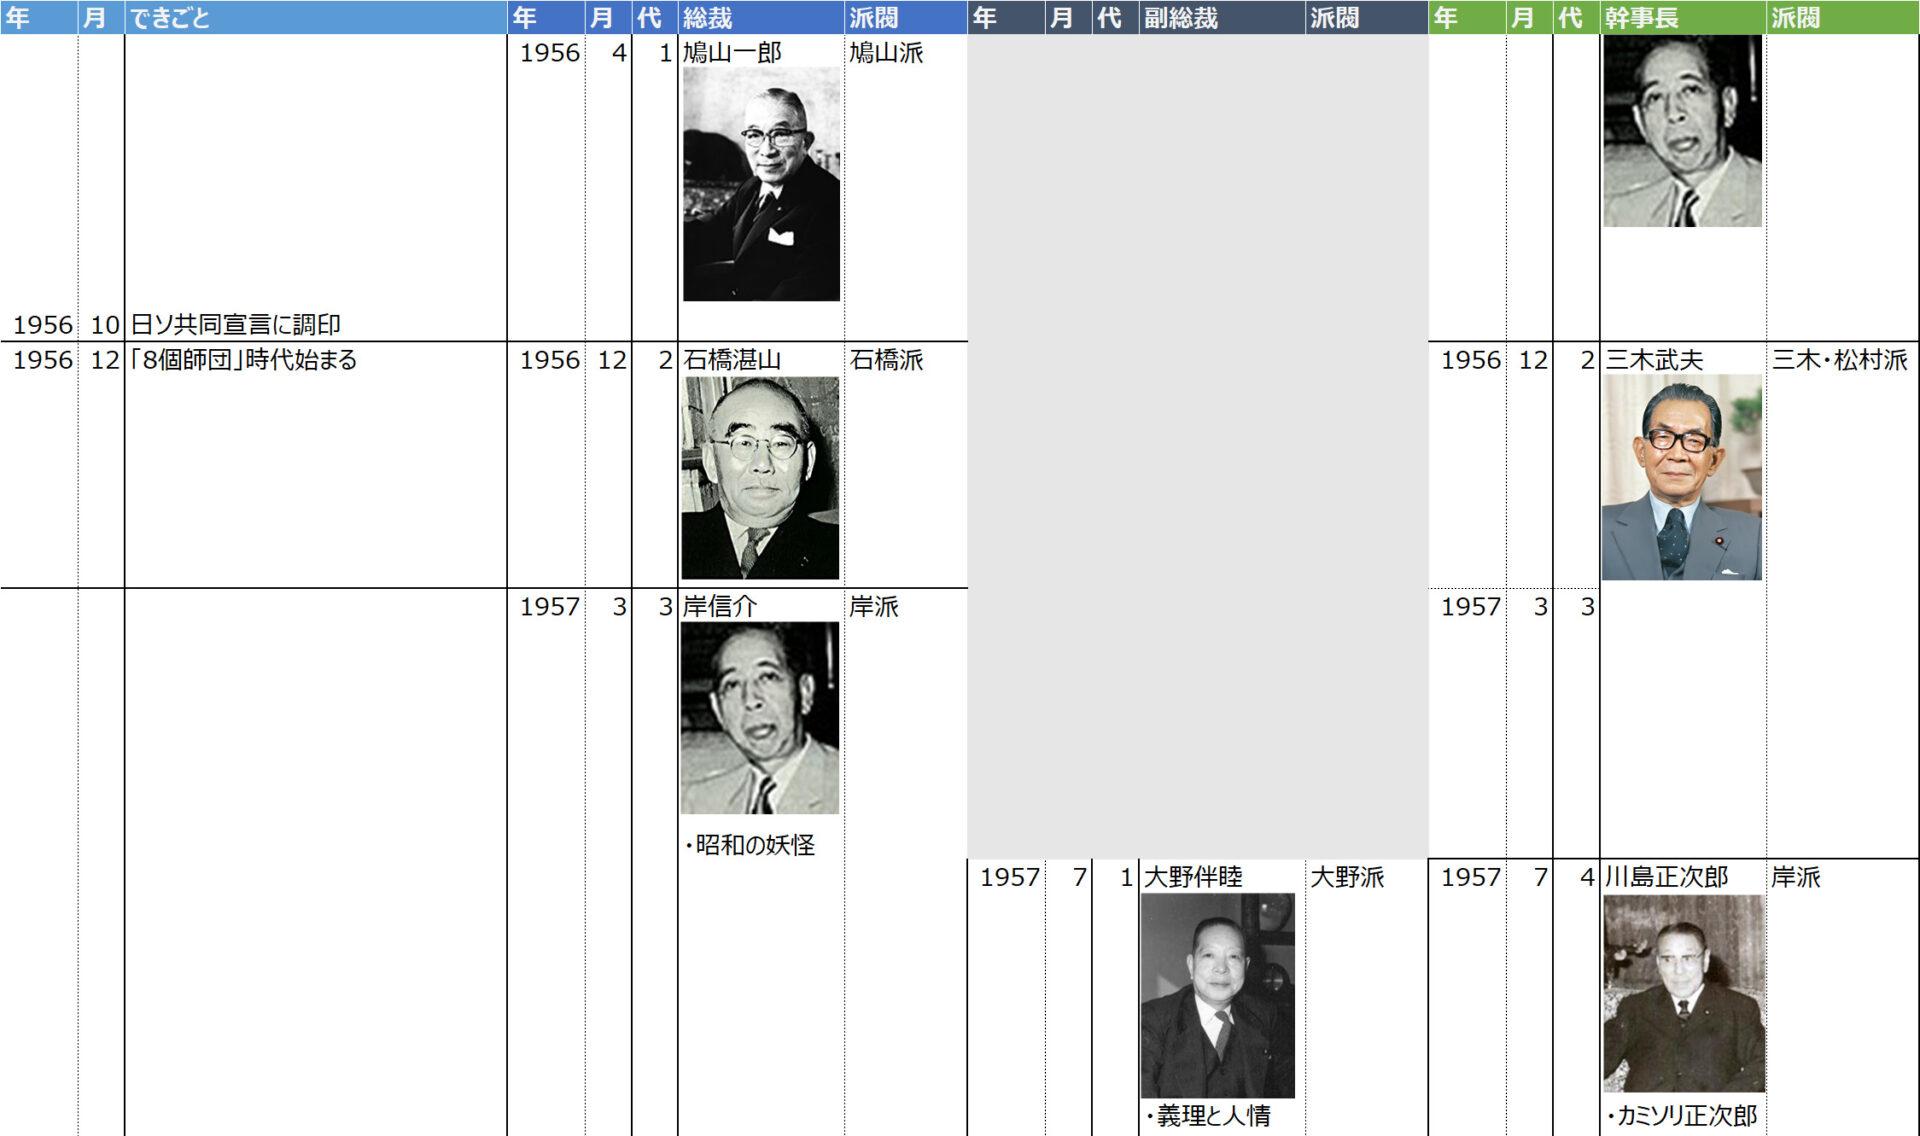 自由民主党の執行部人事(総裁・副総裁・党四役)の歴史